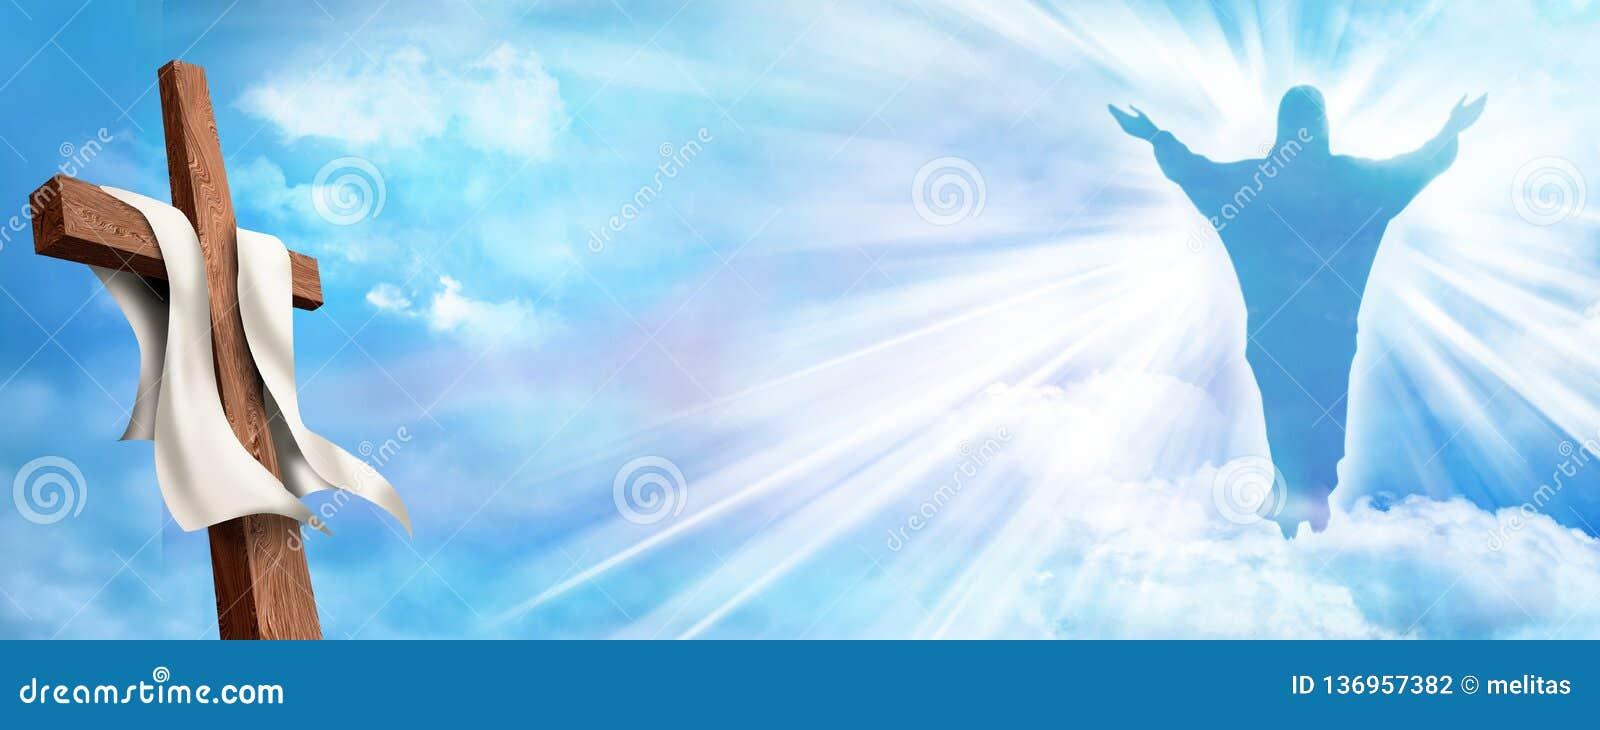 Ressurreição da bandeira da Web Cruz cristã com fundo aumentado de Jesus Christ e do céu das nuvens Vida após a morte